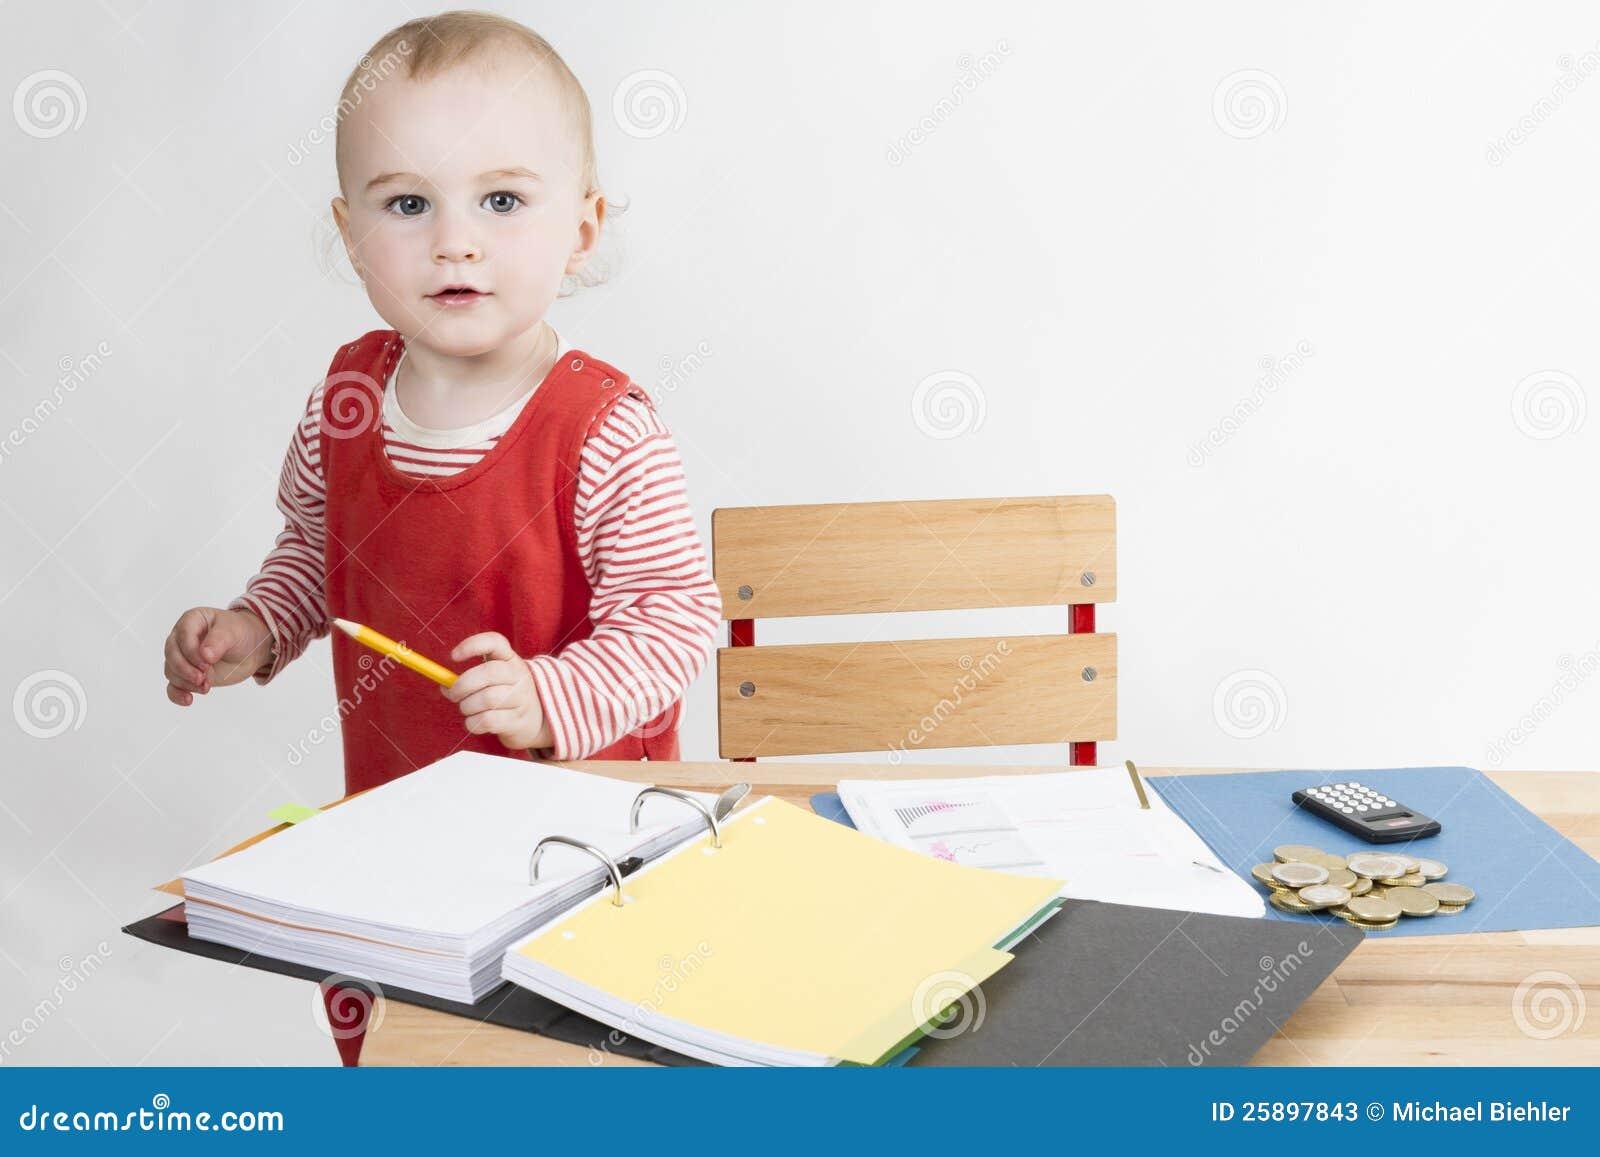 children writing desk